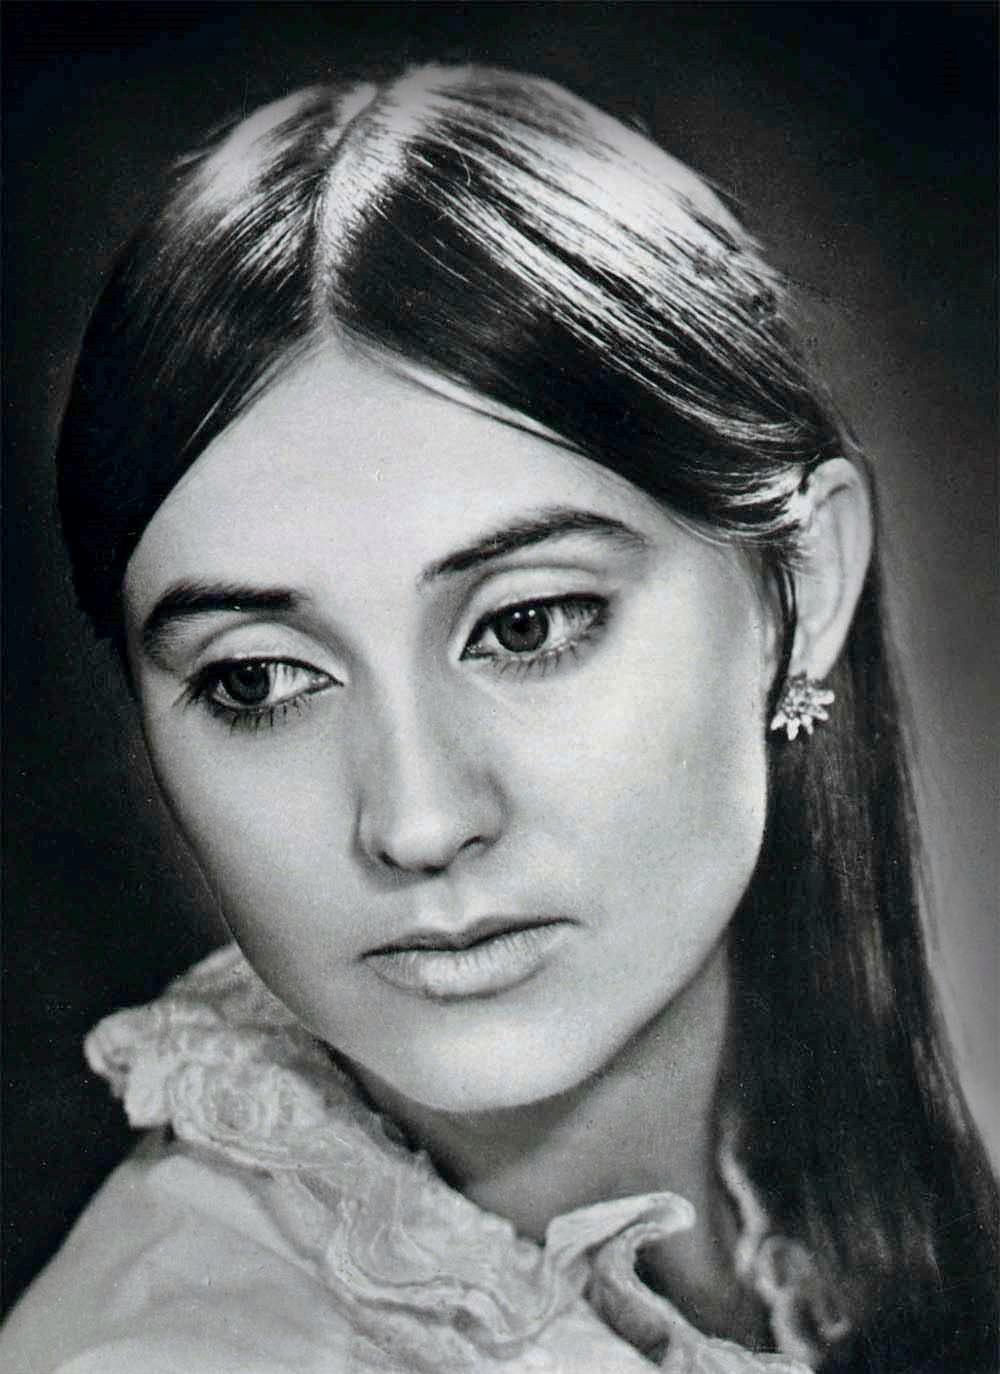 Лариса Кадочникова, 1968 г.